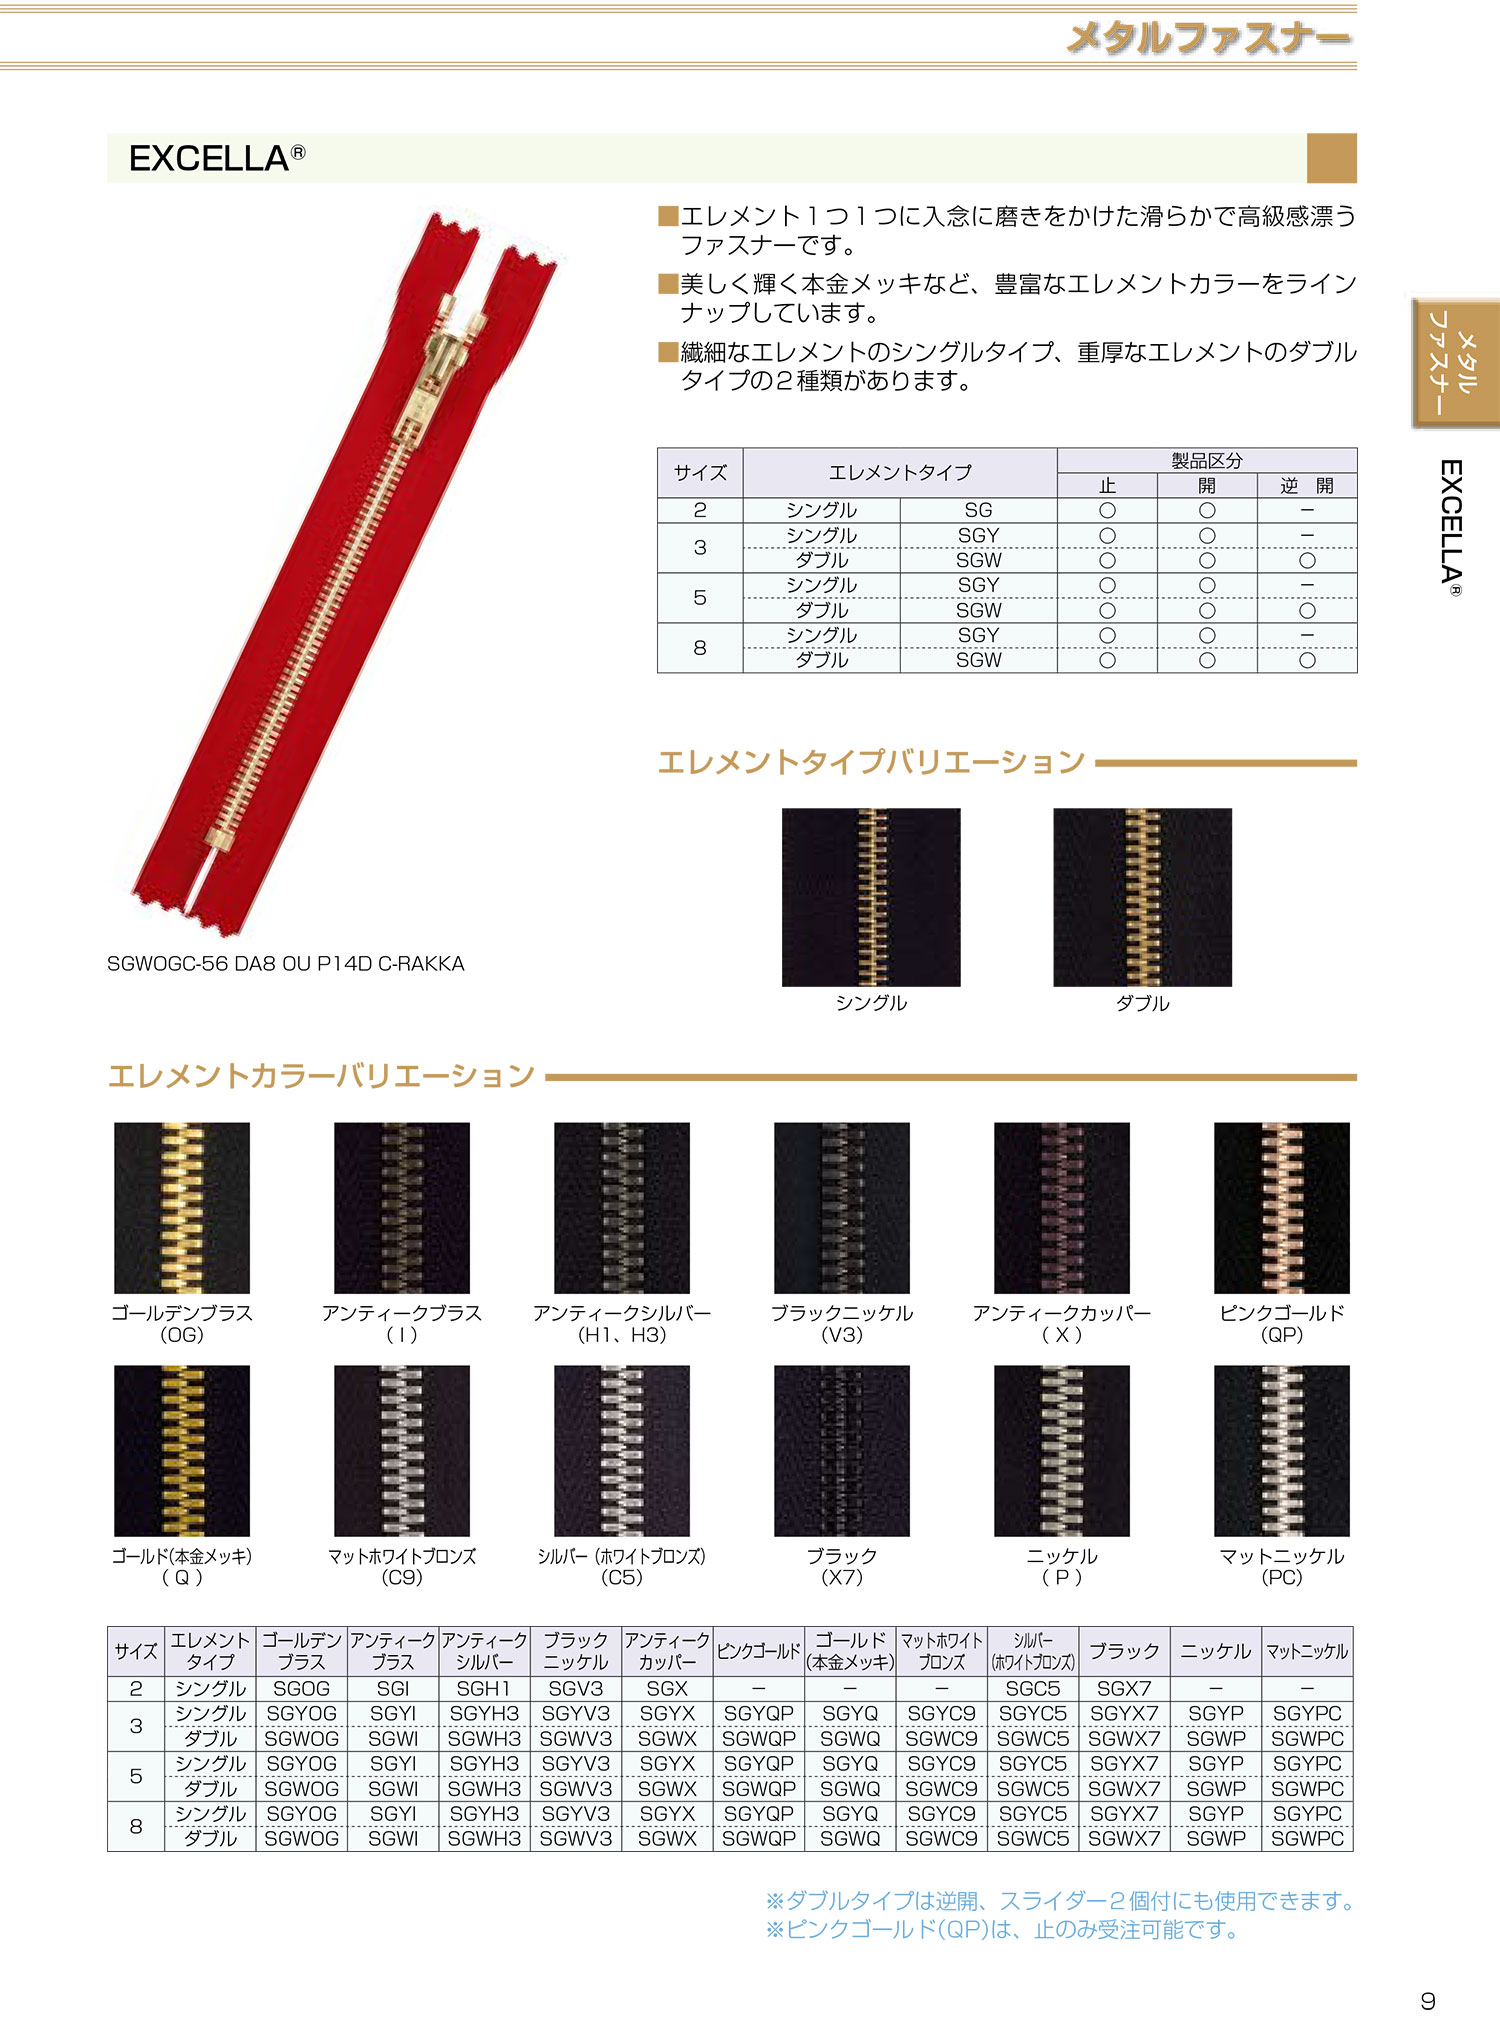 3SGYIC エクセラ 3サイズ アンティークブラス 止め シングル[ファスナー] YKK/オークラ商事 - ApparelX アパレル資材卸通販